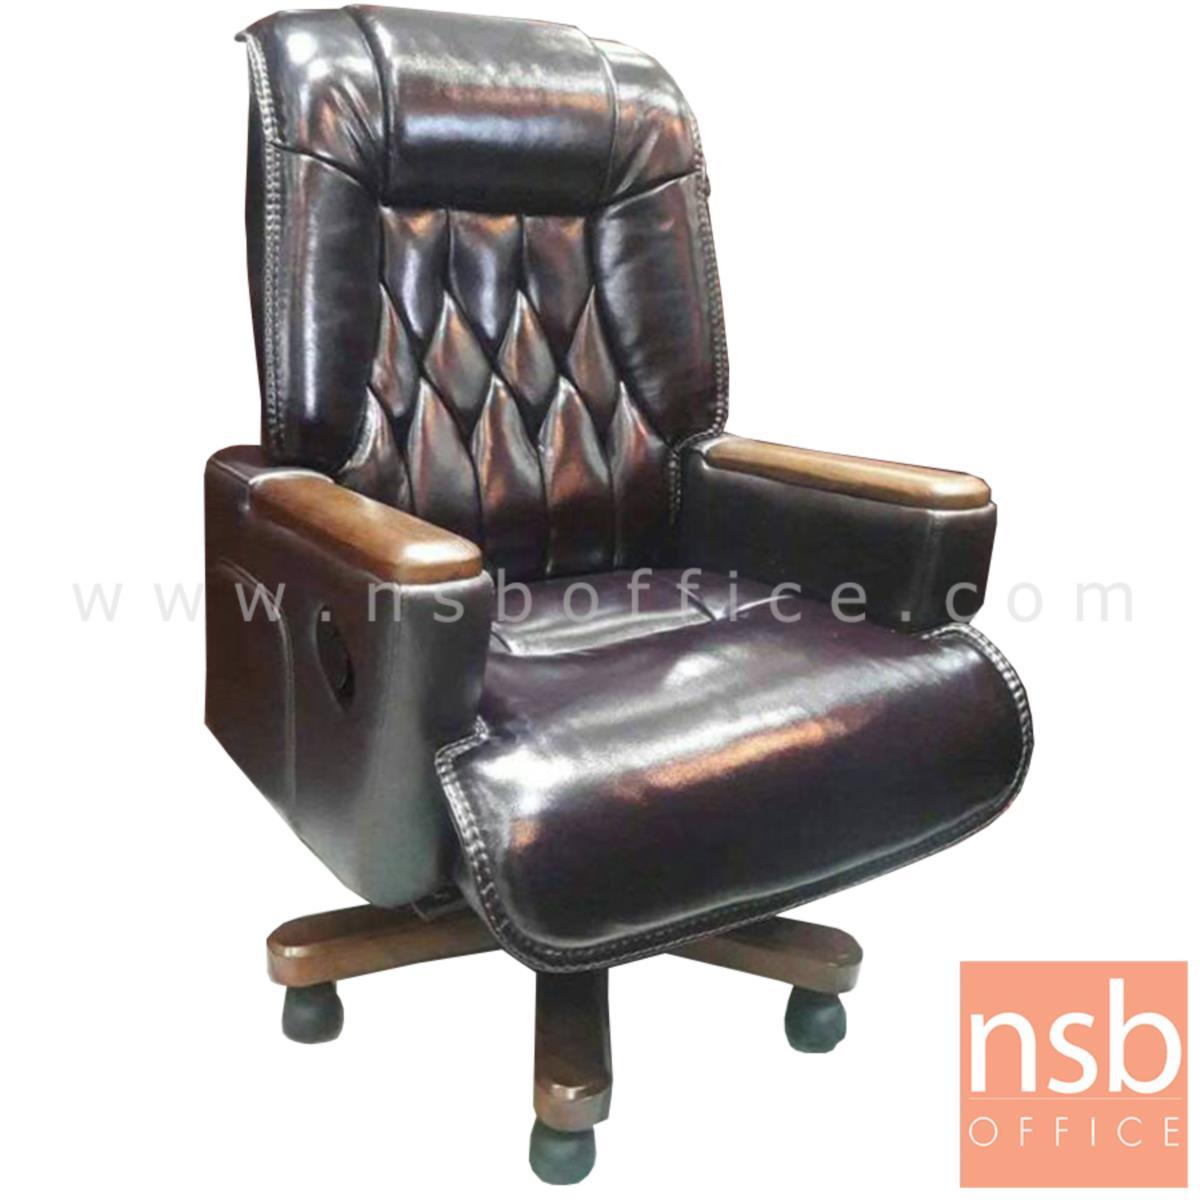 B25A129:เก้าอี้ผู้บริหารหนังแท้ รุ่น Garfunkel (การ์ฟังเกล)  ปรับเอนได้ แขน-ขาไม้